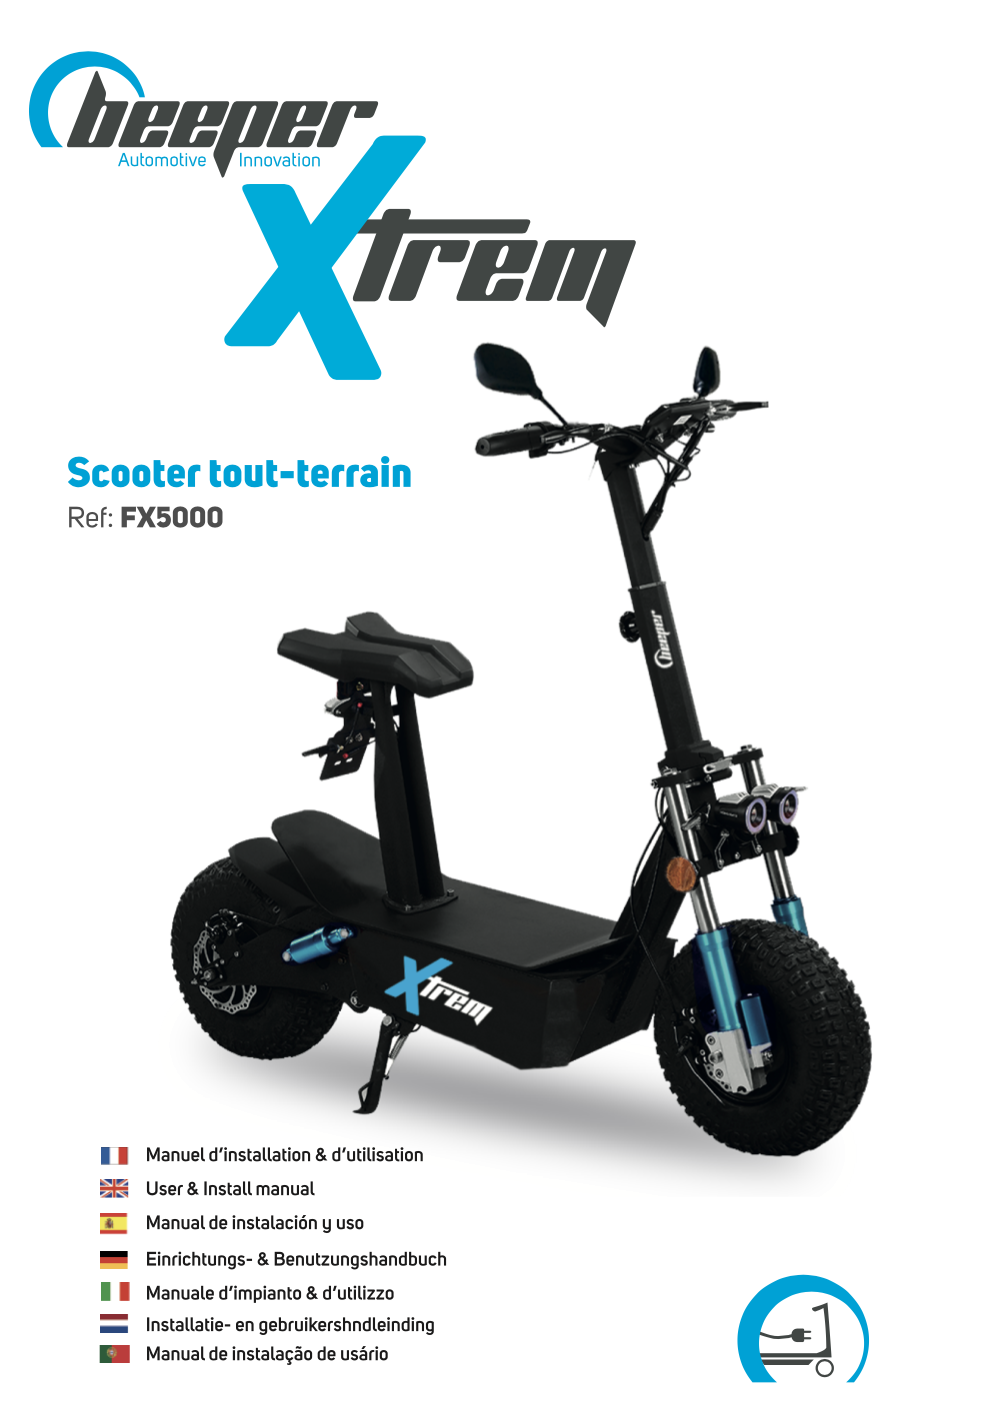 Trottinette électrique XTRE - Manuel d'utilisation